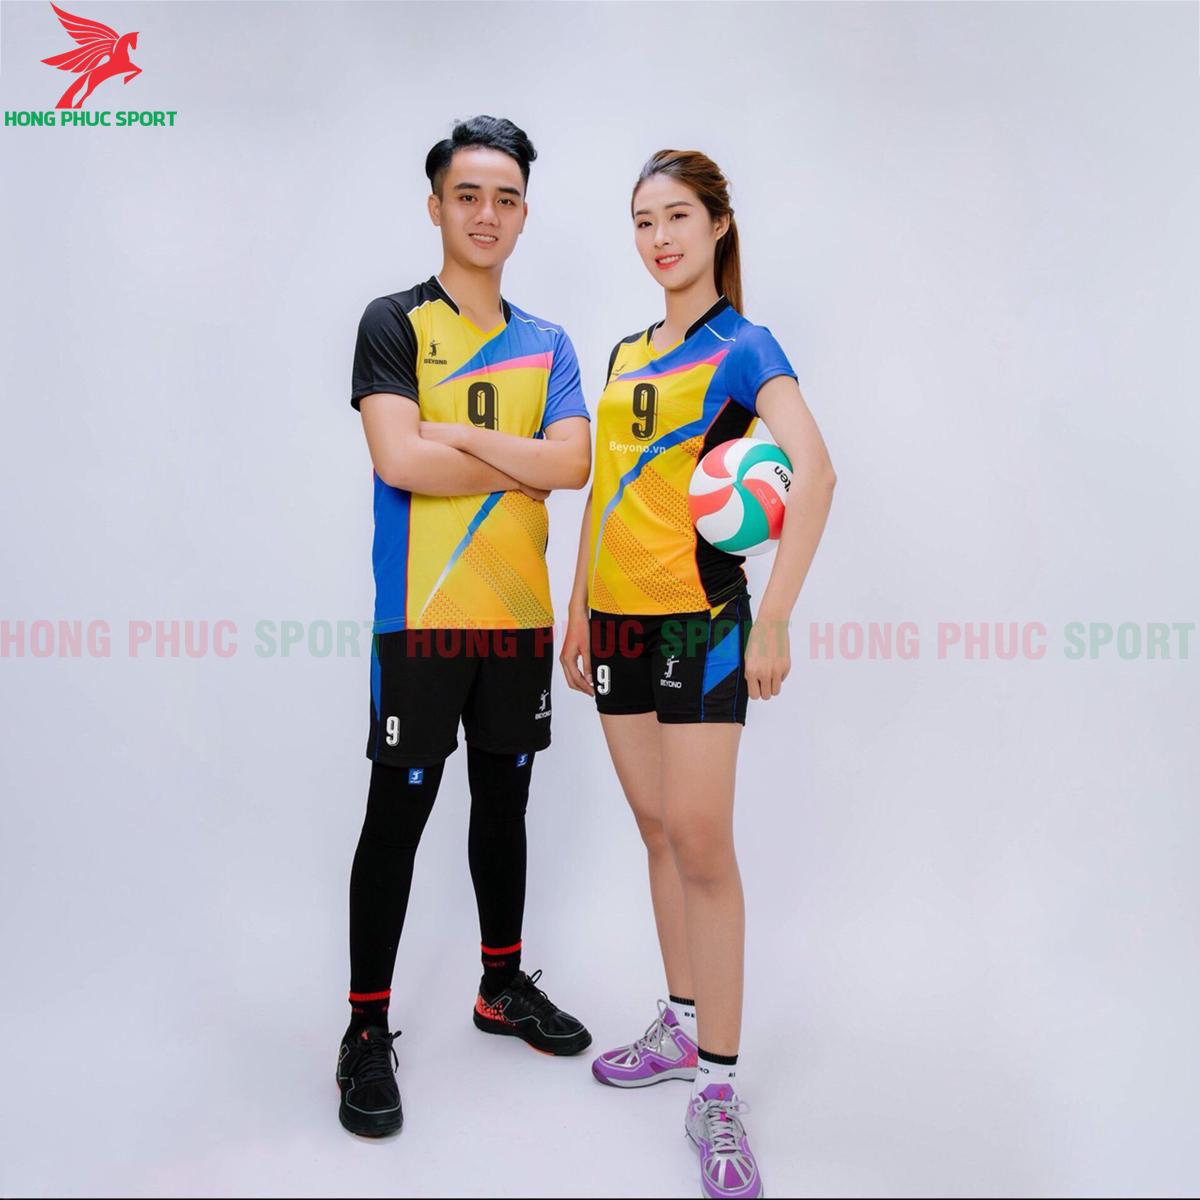 https://cdn.hongphucsport.com/unsafe/s4.shopbay.vn/files/285/ao-bong-chuyen-beyono-2020-victory-2-5f75b0db05298.png